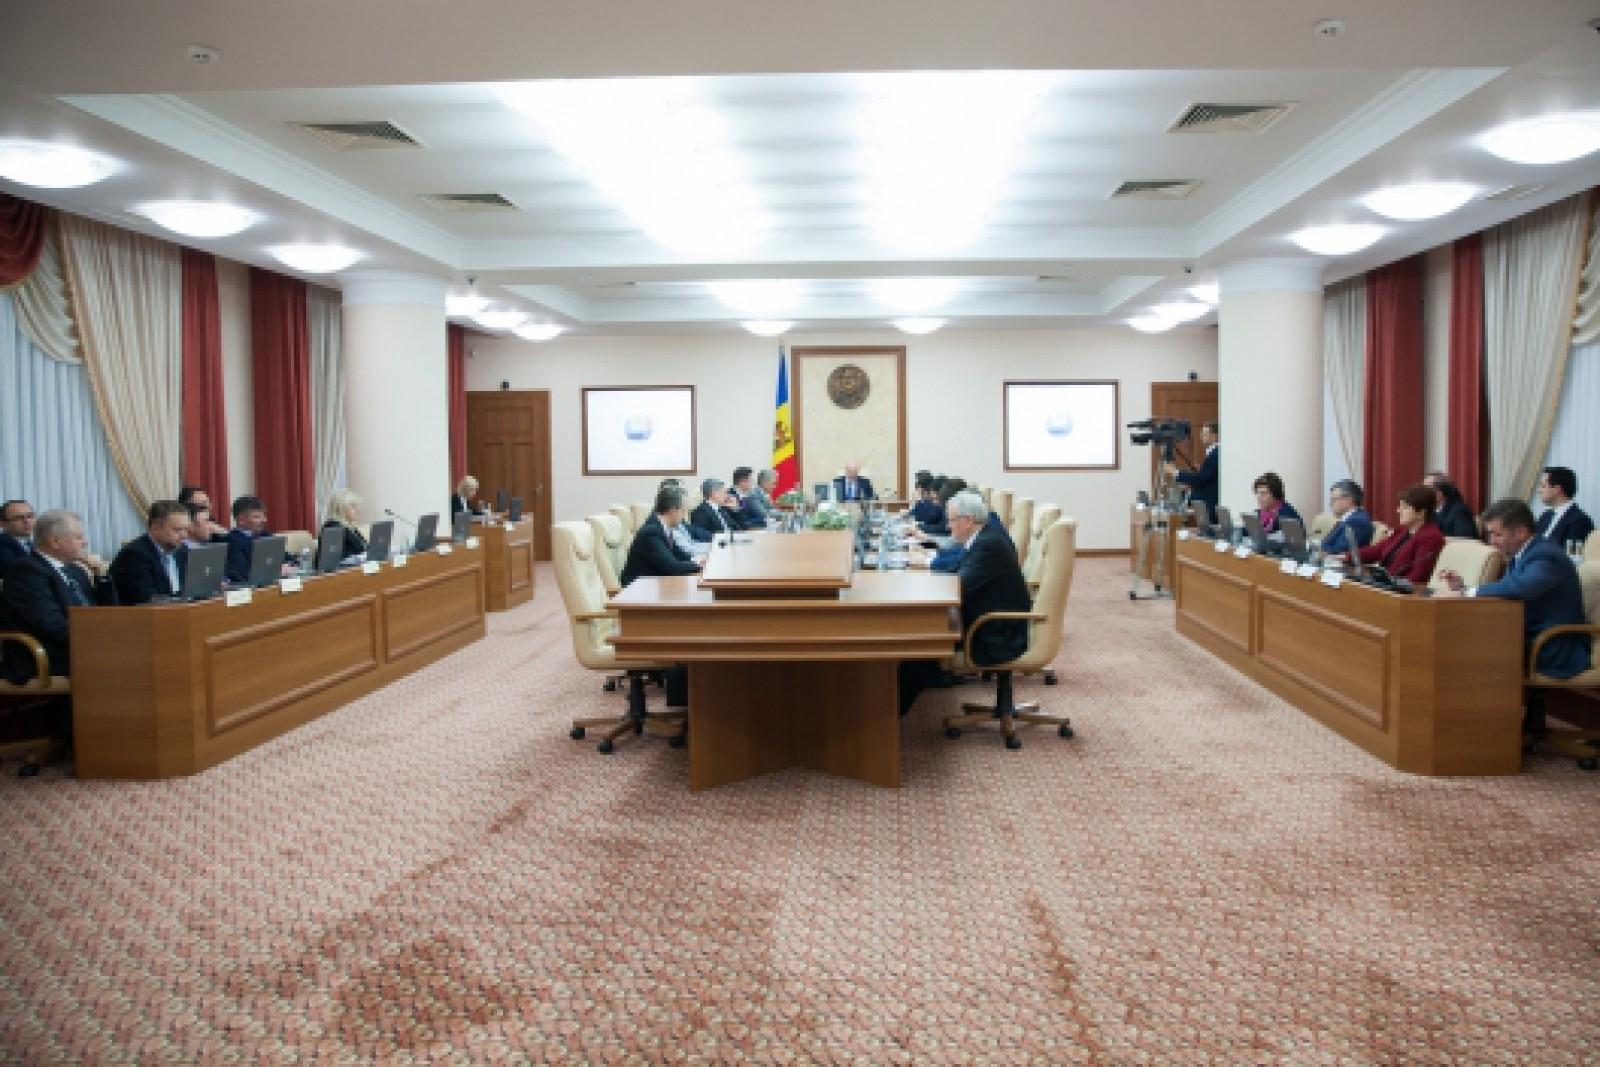 Guvernul a aprobat proiectul cu privire la construcția Centrului integrat de pregătire pentru aplicarea legii al MAI